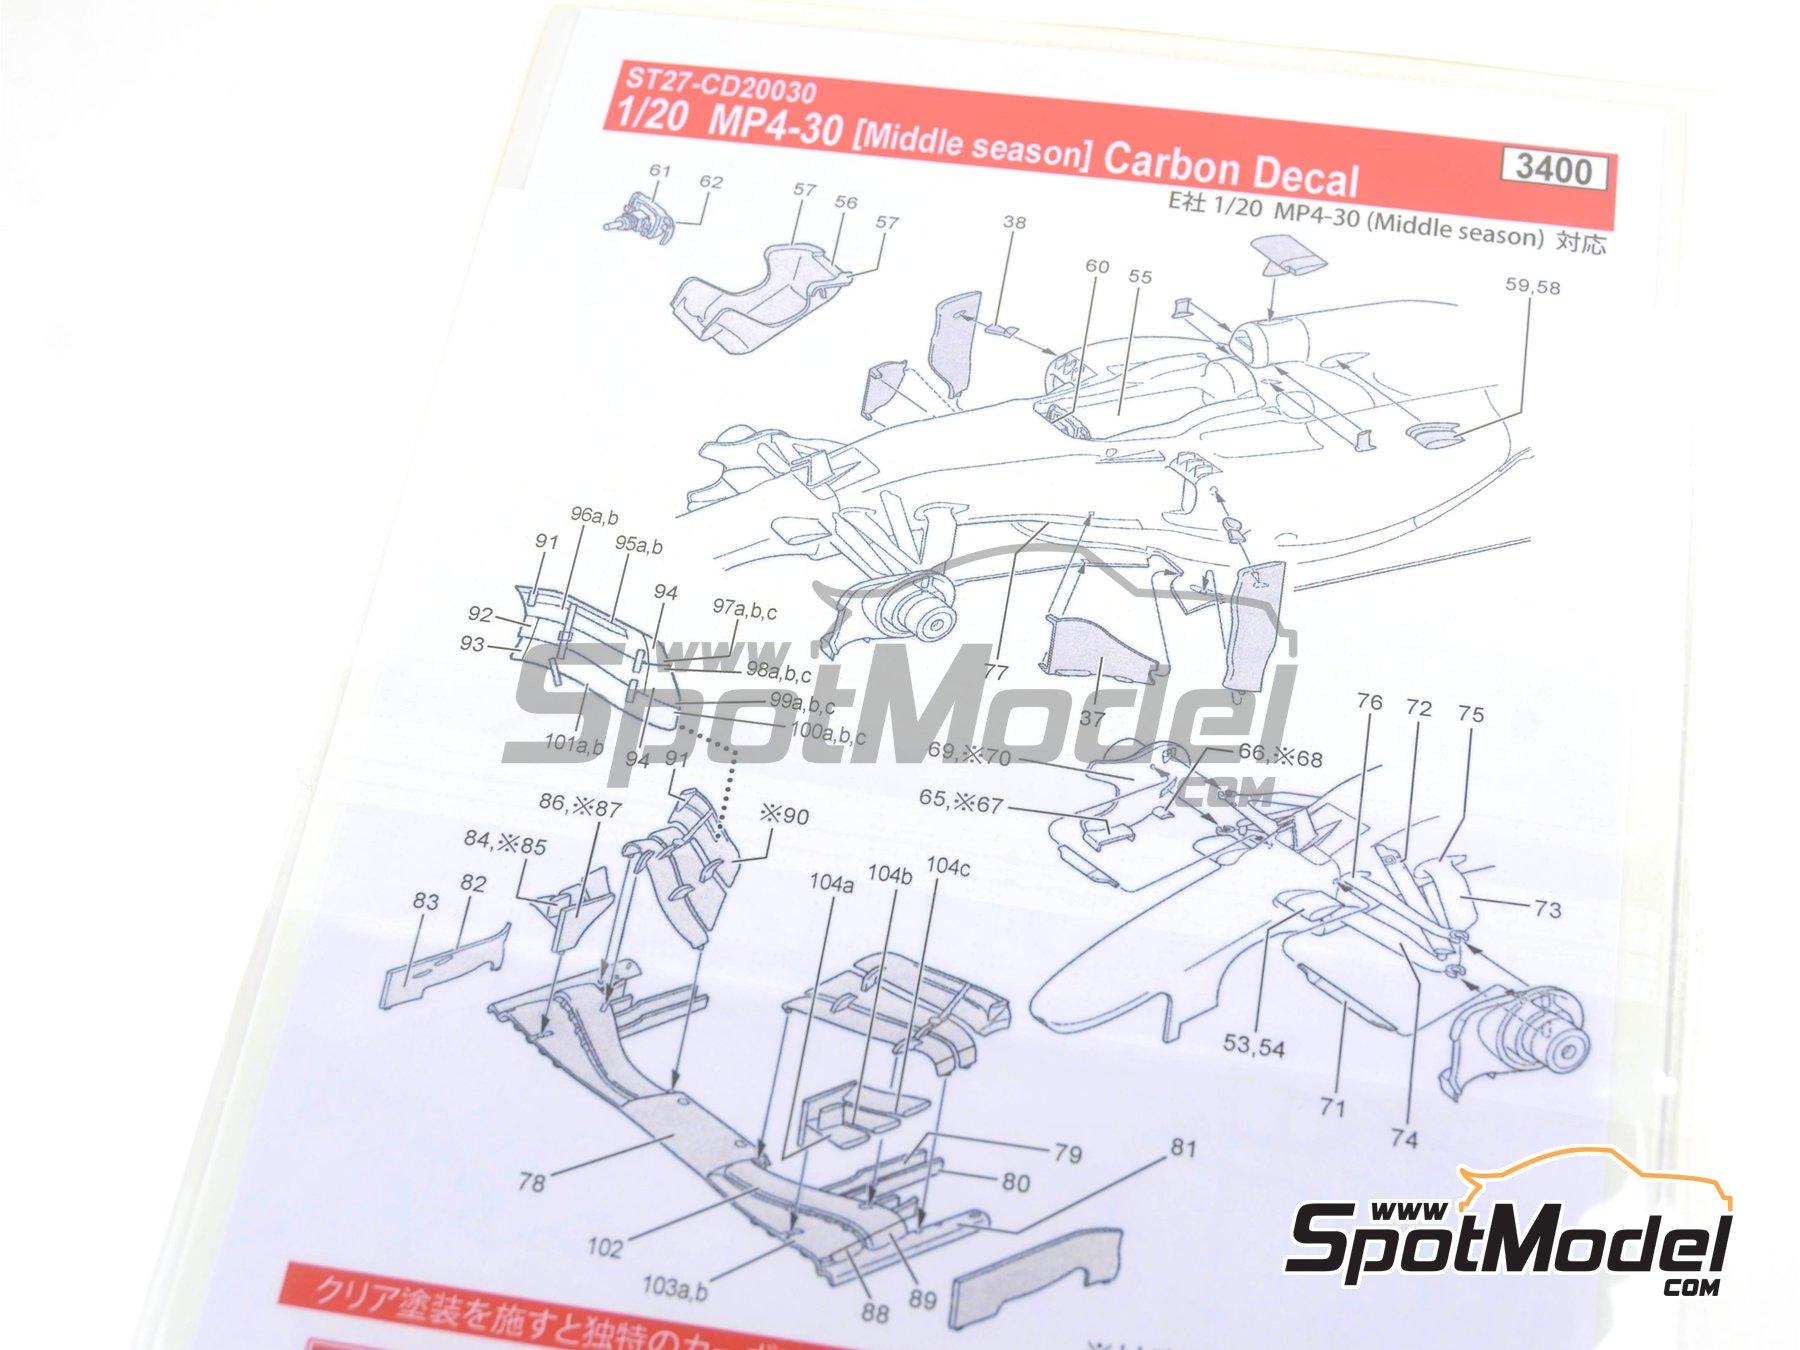 Image 8: McLaren Honda MP4/30 Mobil1 - Campeonato del Mundo de Formula1 2015 | Patron de fibra de carbono en calca en escala1/20 fabricado por Studio27 (ref.ST27-CD20030)